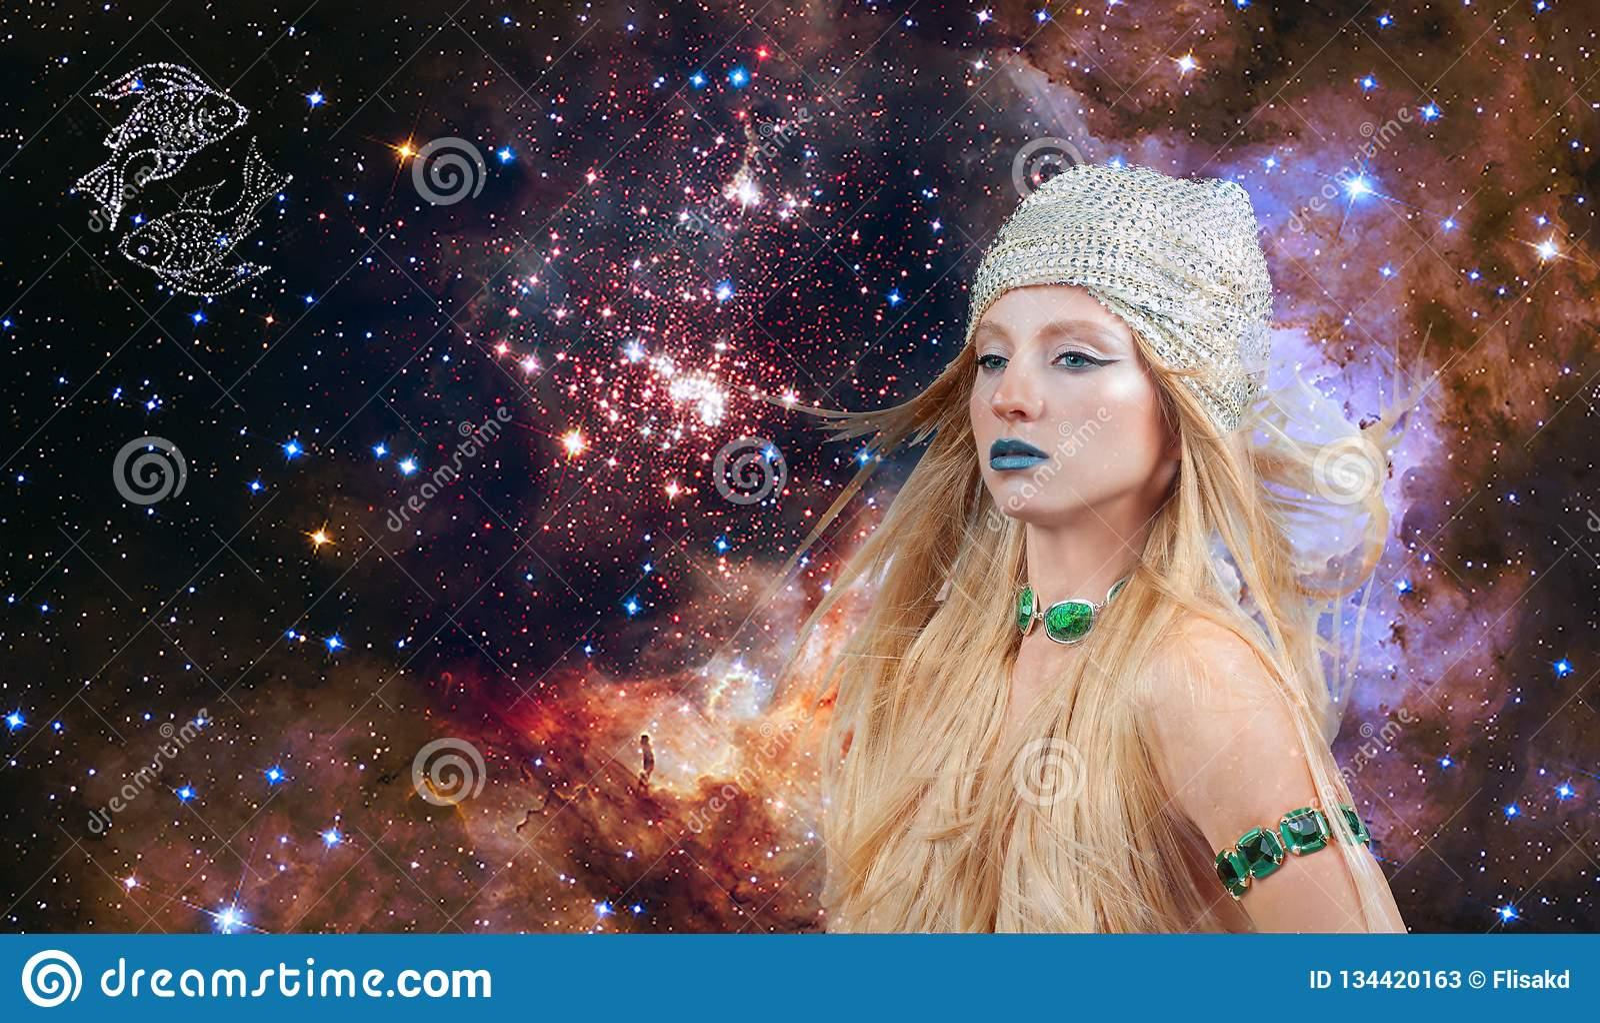 Astrologie et horoscope, signe de zodiaque de Poissons Belle femme Poissons sur le fond de galaxie